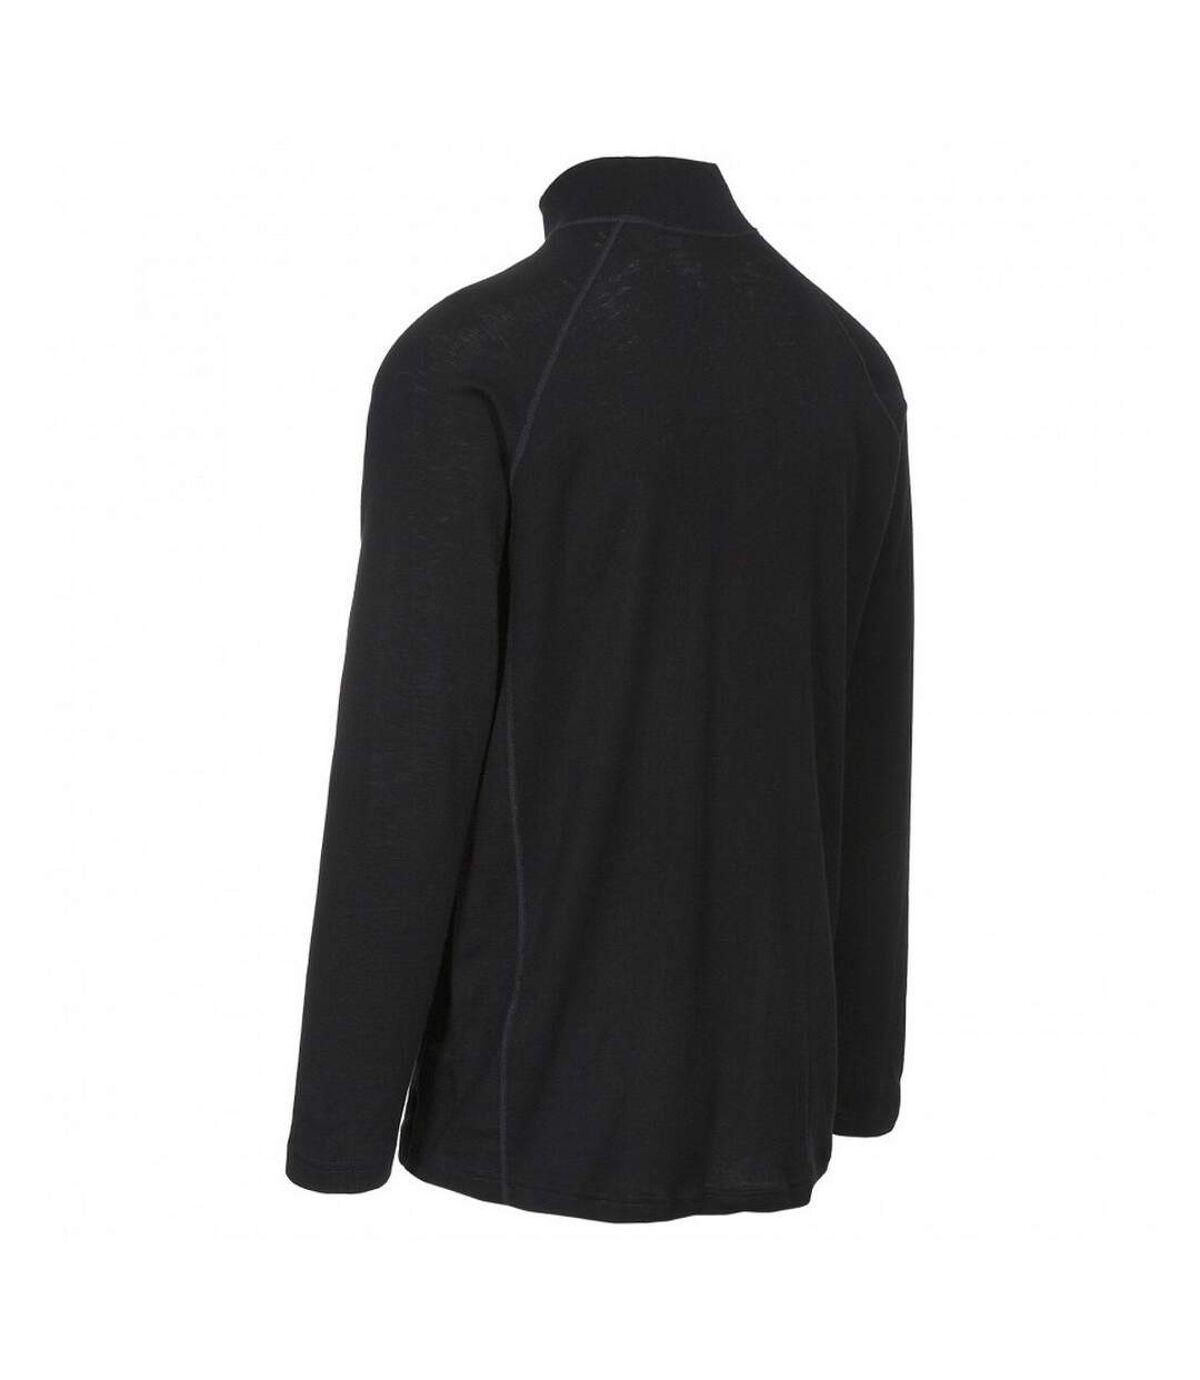 Trespass Seeker - T-shirt thermique à manches longues - Homme (Noir) - UTTP2096